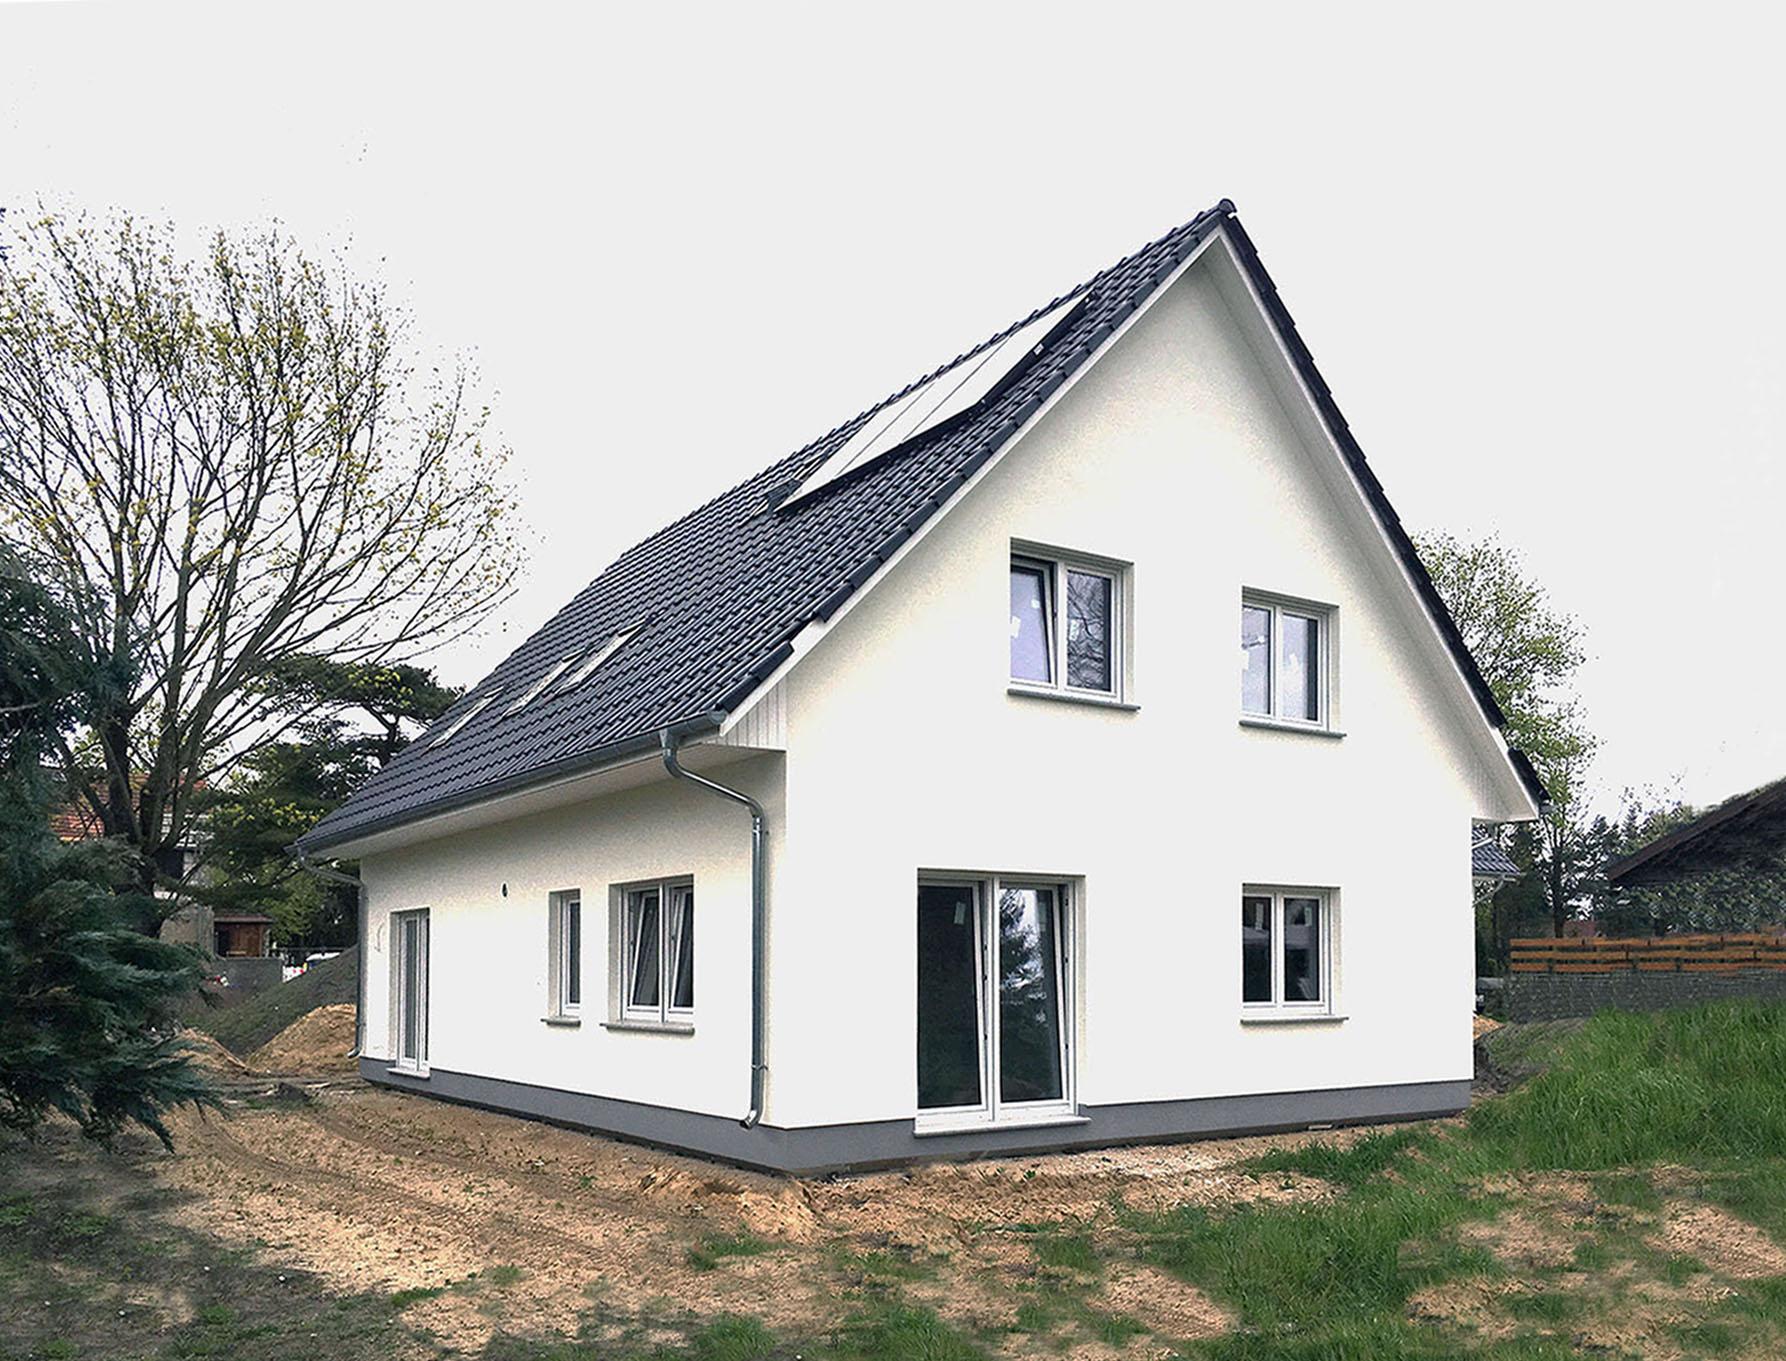 Das Einfamilienhaus mit Einliegerwohnung kann am Wochenende in 12683 Berlin besichtigt werden. Foto: Roth-Massivhaus | Freie-Pressemitteilungen.de